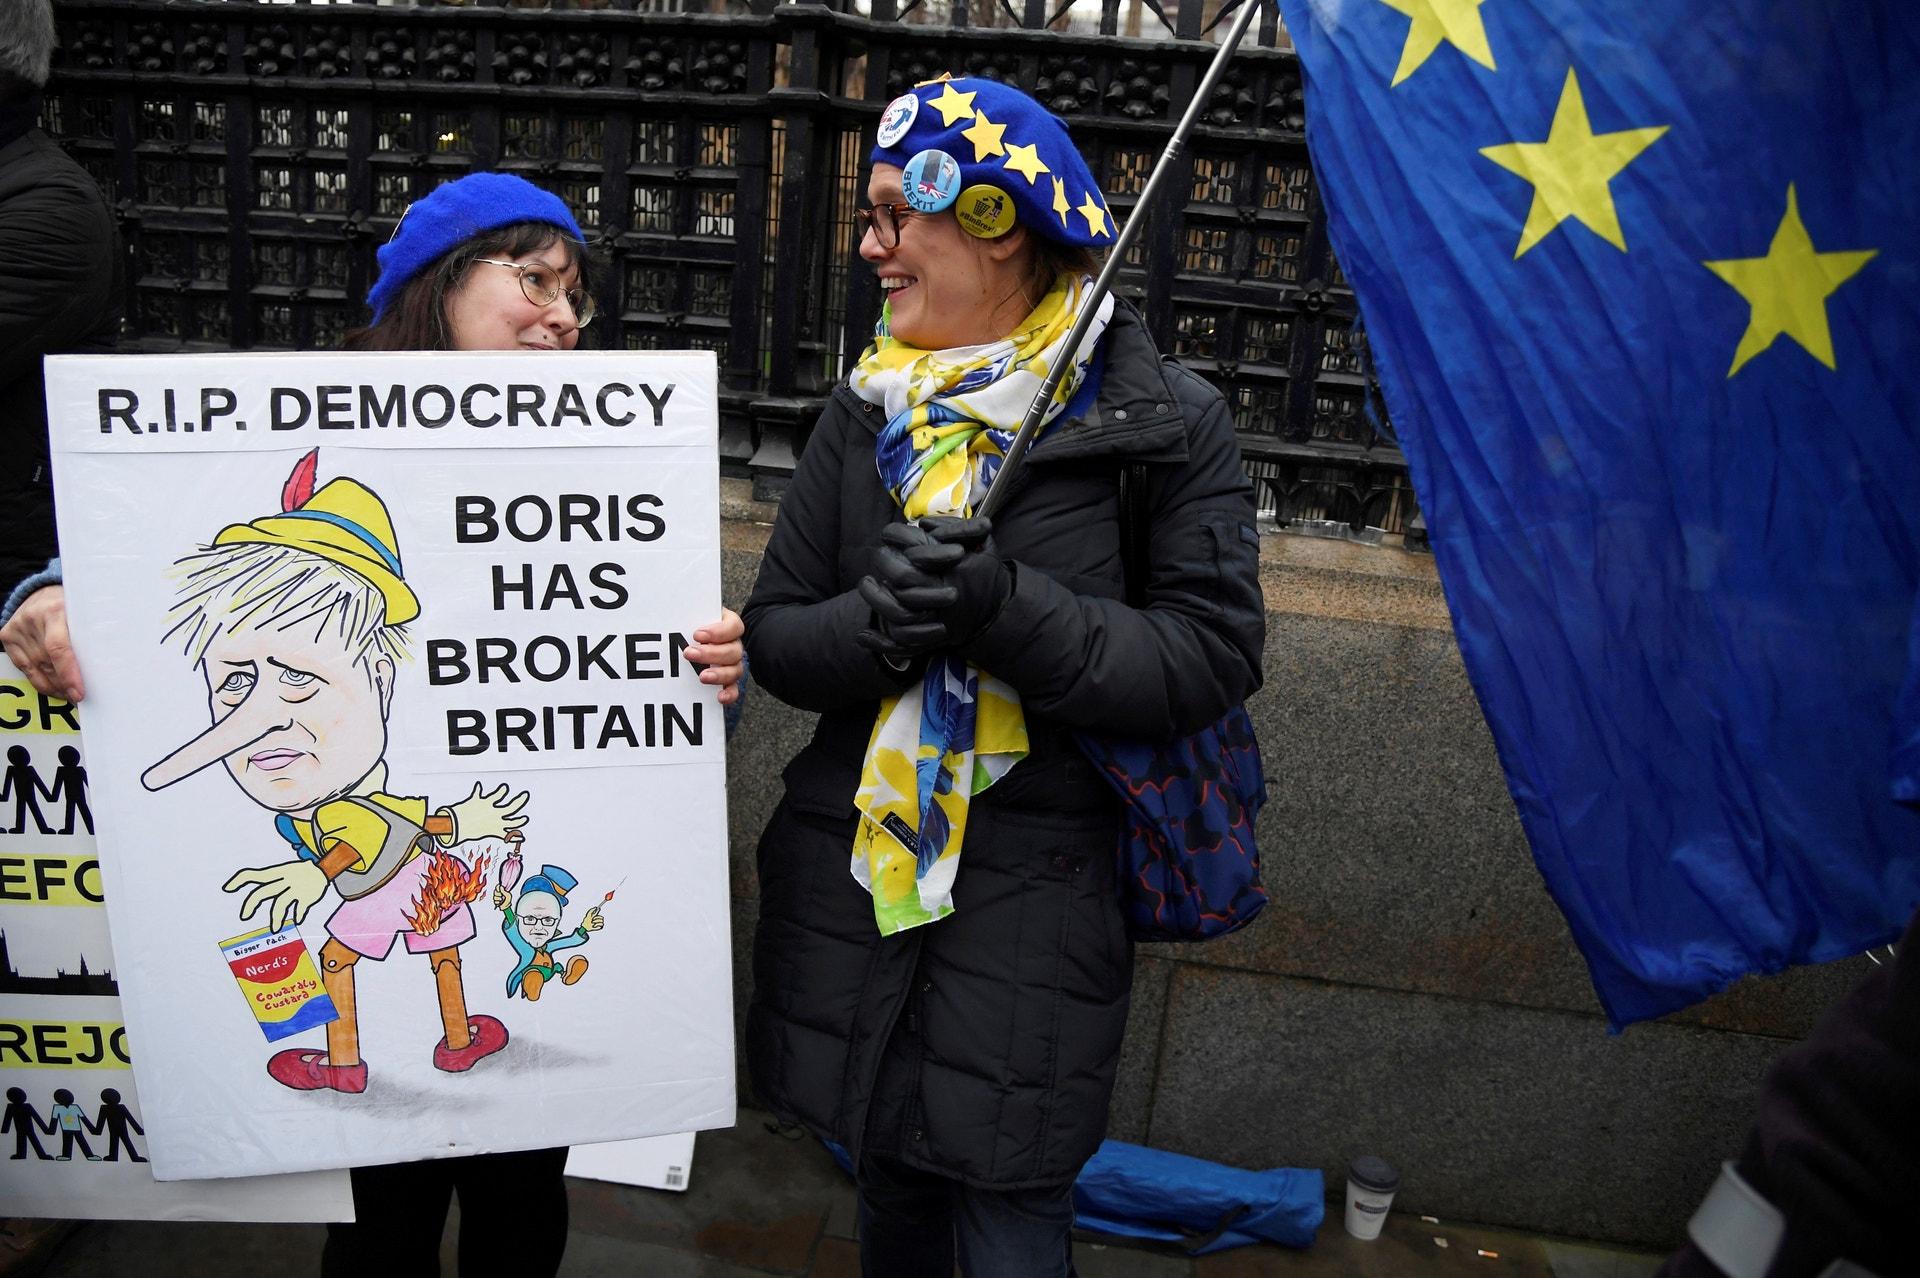 Manifestantes anti-Brexit com uma bandeira da UE manifestam junto do Parlamento em Londres, 30 janeiro  2020. REUTERS/Toby Melville